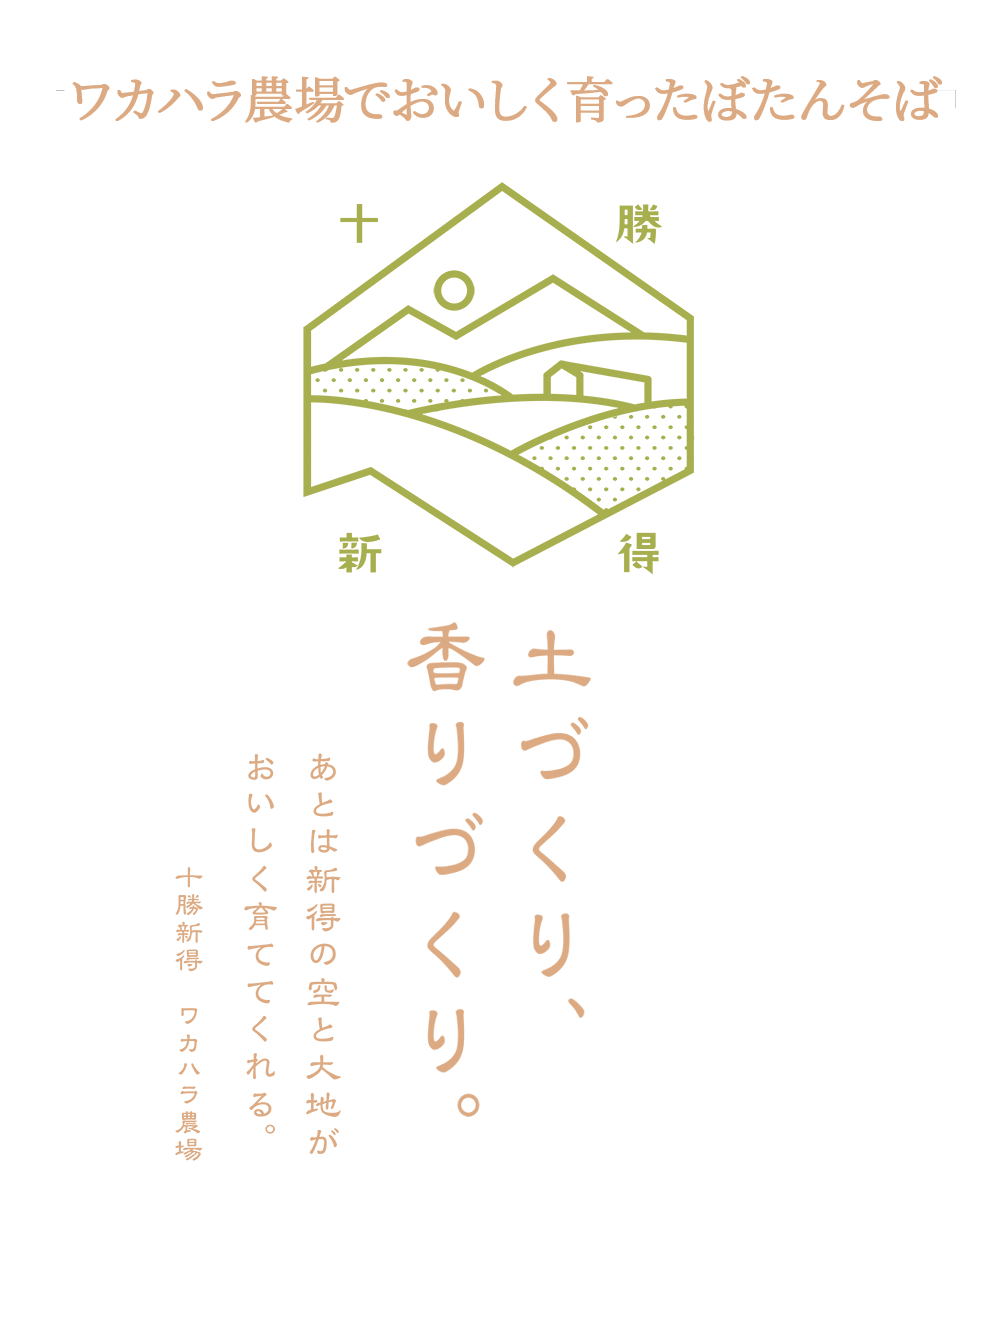 ぼたん蕎麦乾麺・野菜販売 ファームインワカハラ 合同会社みのり